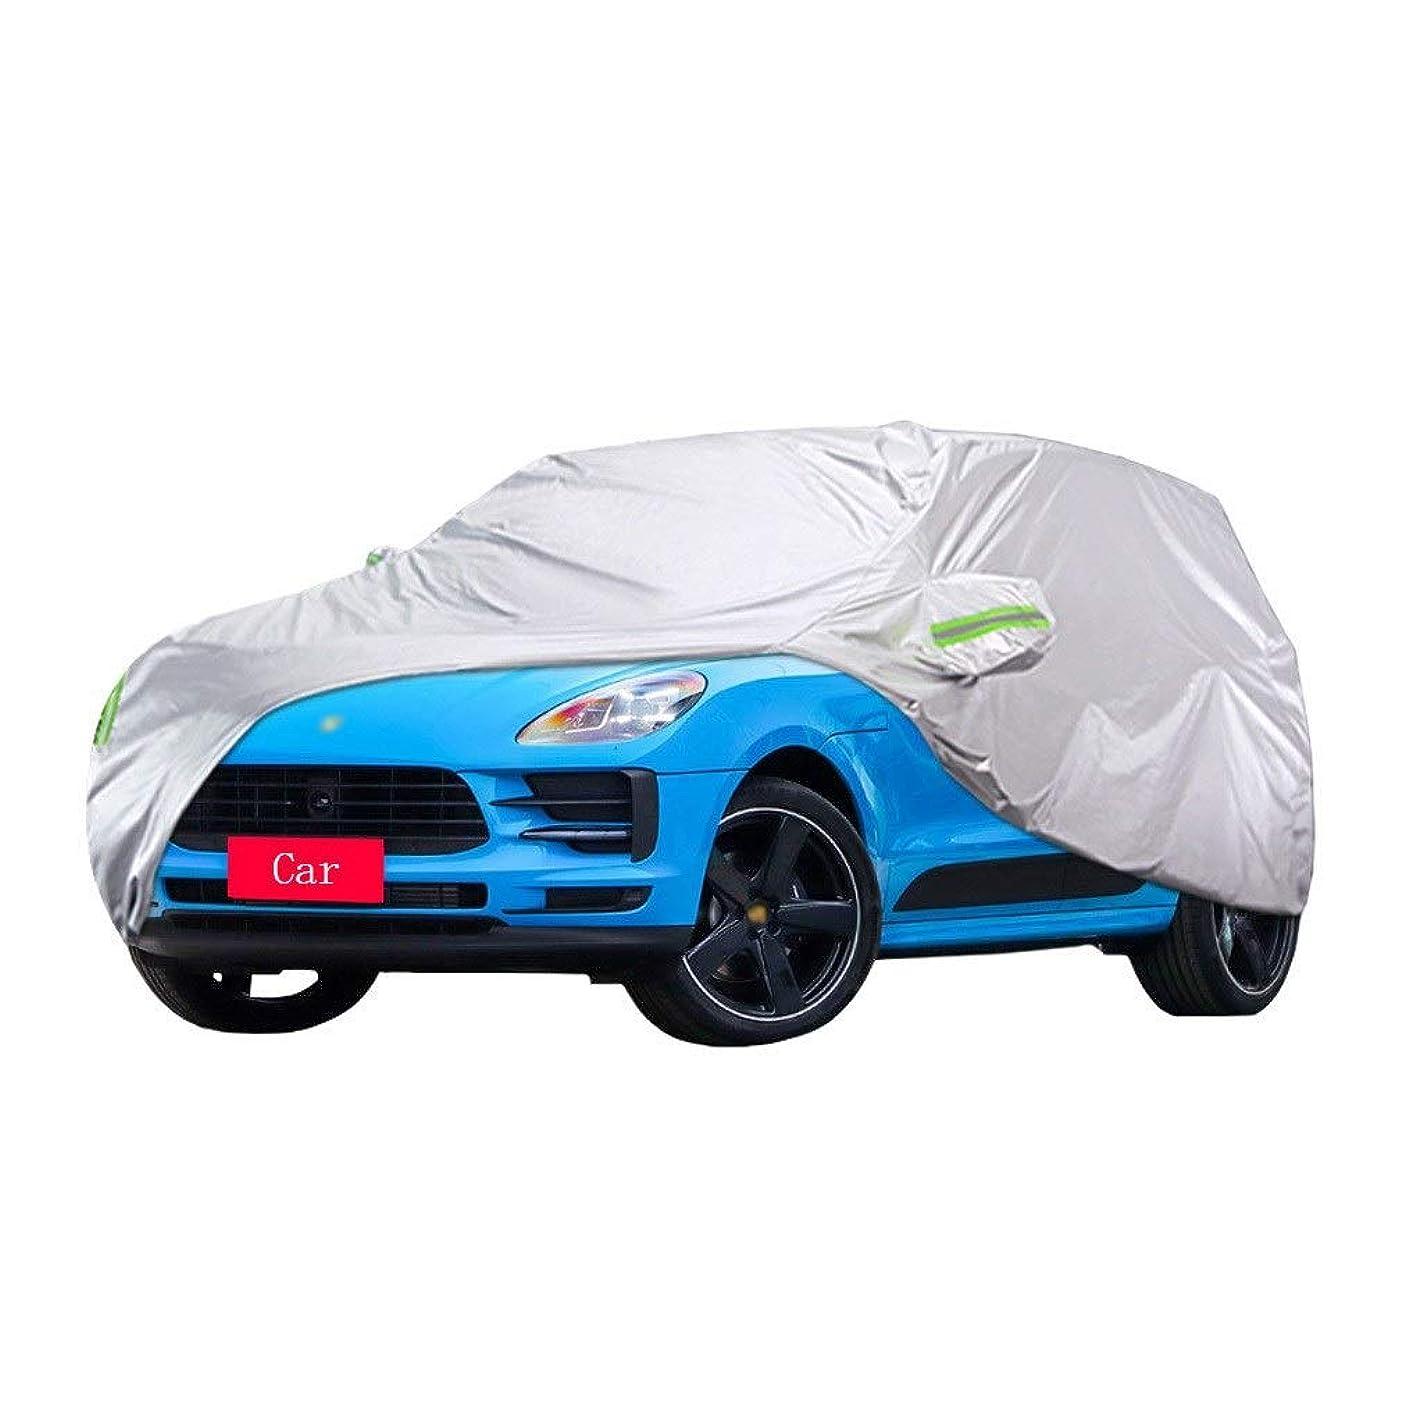 アーサーコナンドイルチャネル苦難車のカバー に対応ポルシェマカン車のカバーSUV厚いオックスフォード布日焼け止め防雨暖かいカバー車のカバー (サイズ さいず : 2016)